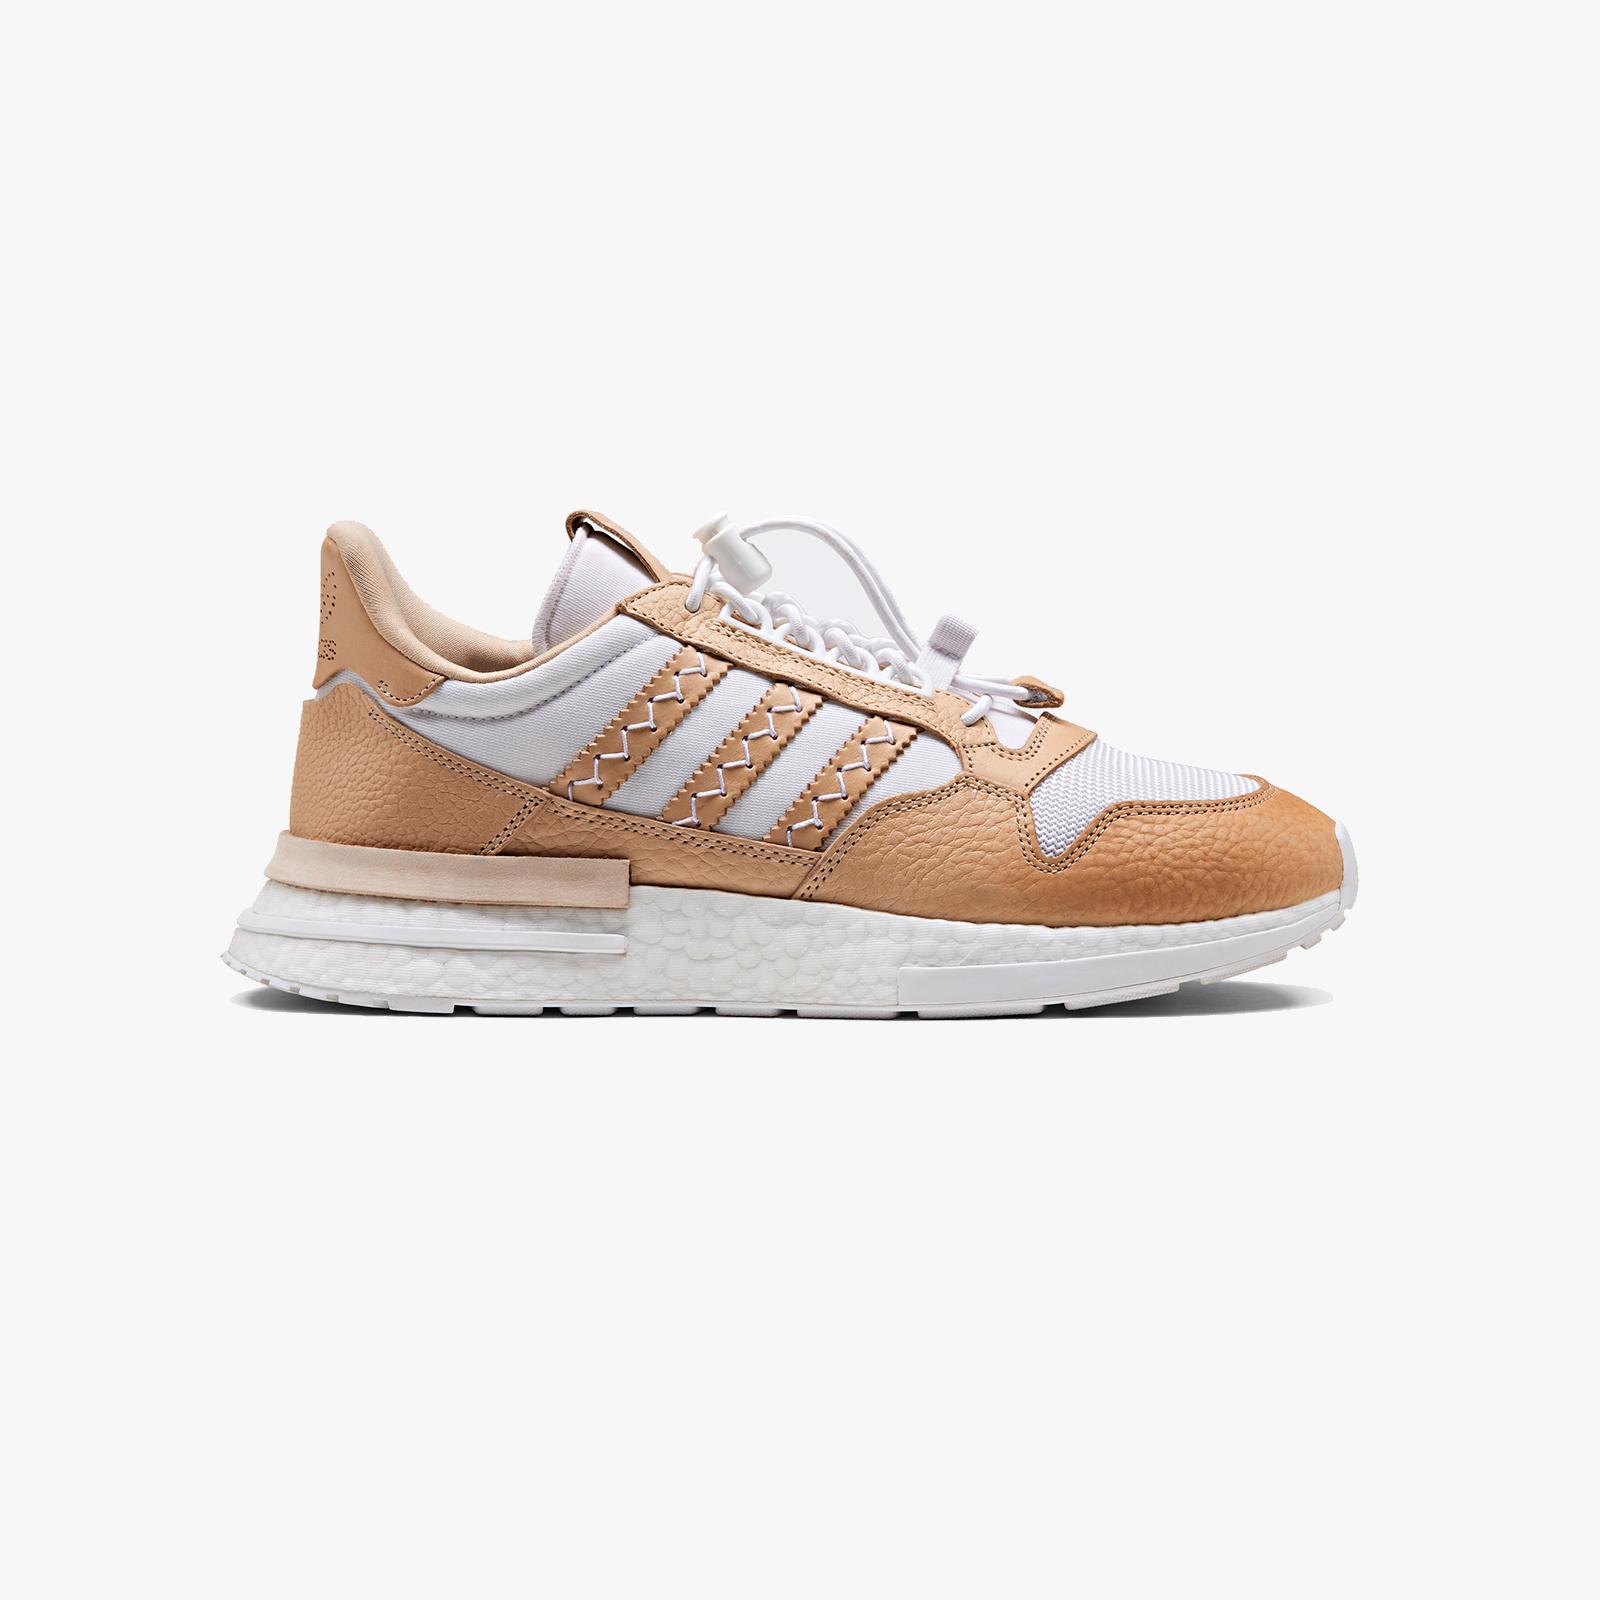 68238e99fb060 adidas ZX 500 RM MT x Hender Scheme - F36047 - Sneakersnstuff ...